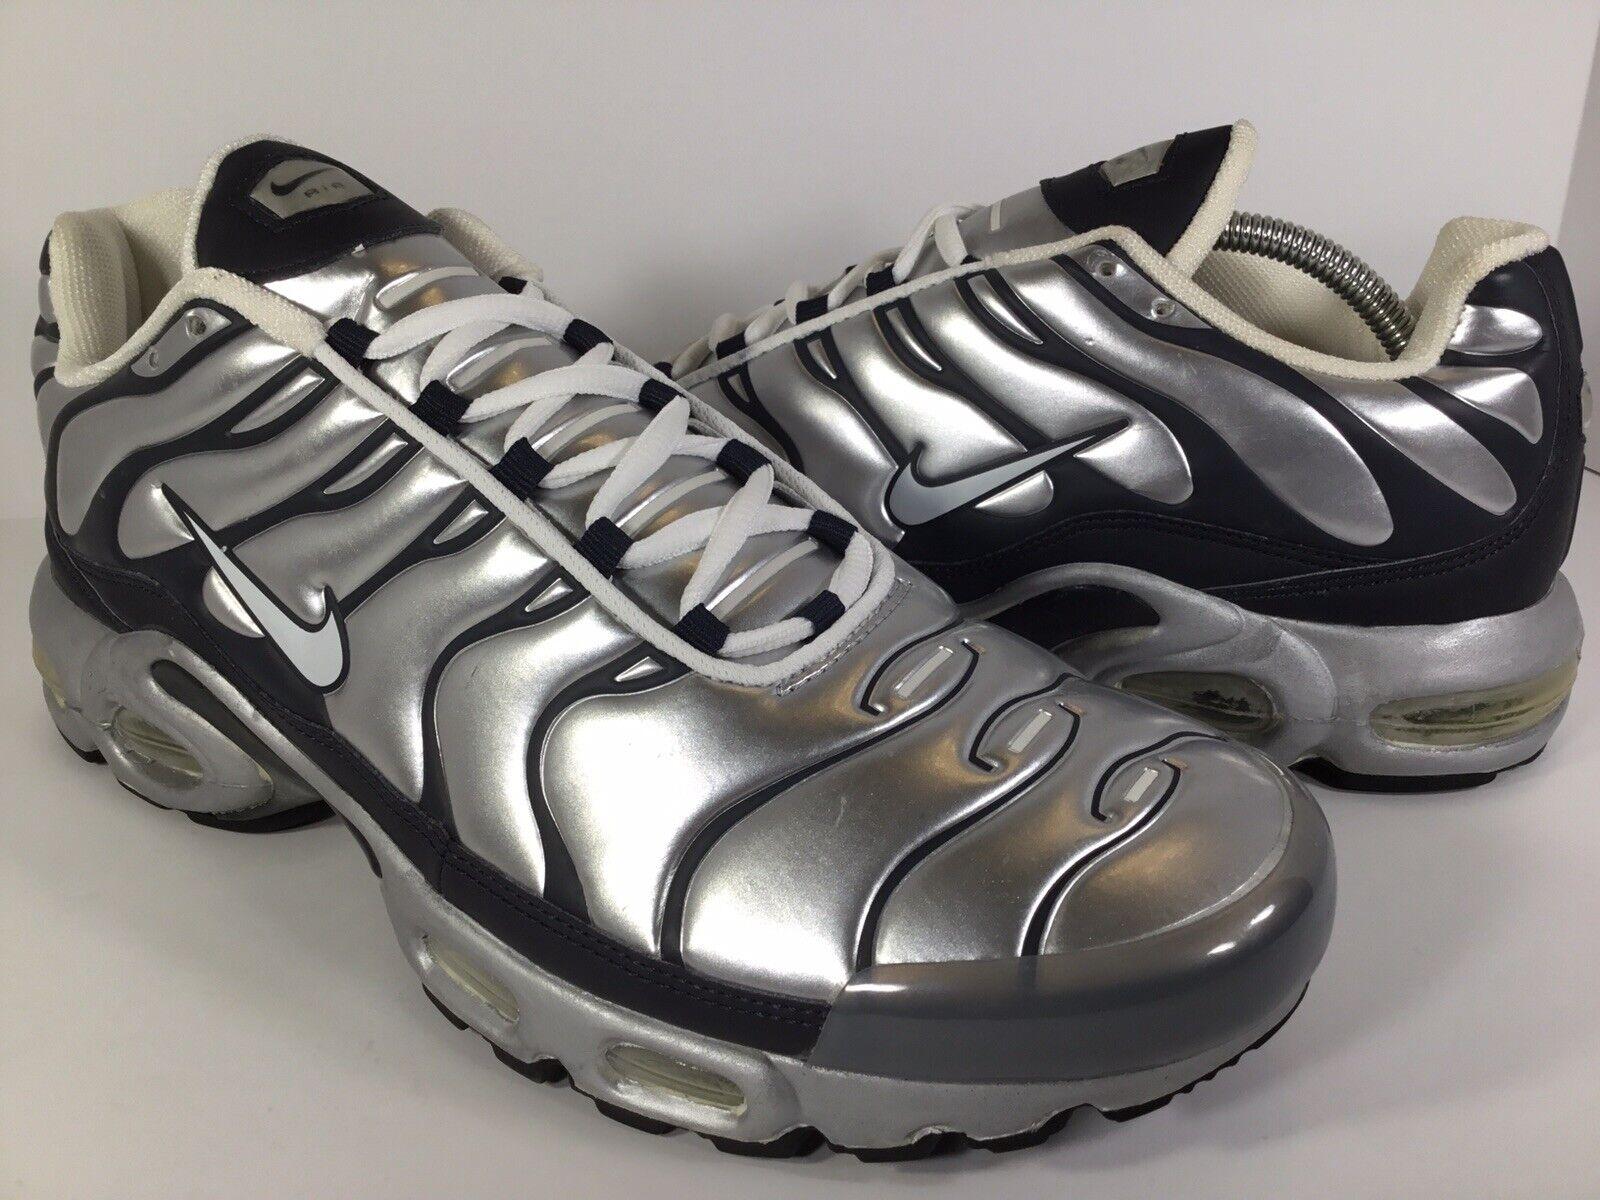 Nike Air Max Plus 1 Extra Metallic Silver Obsidian Black Size 12 Rare 302746-011